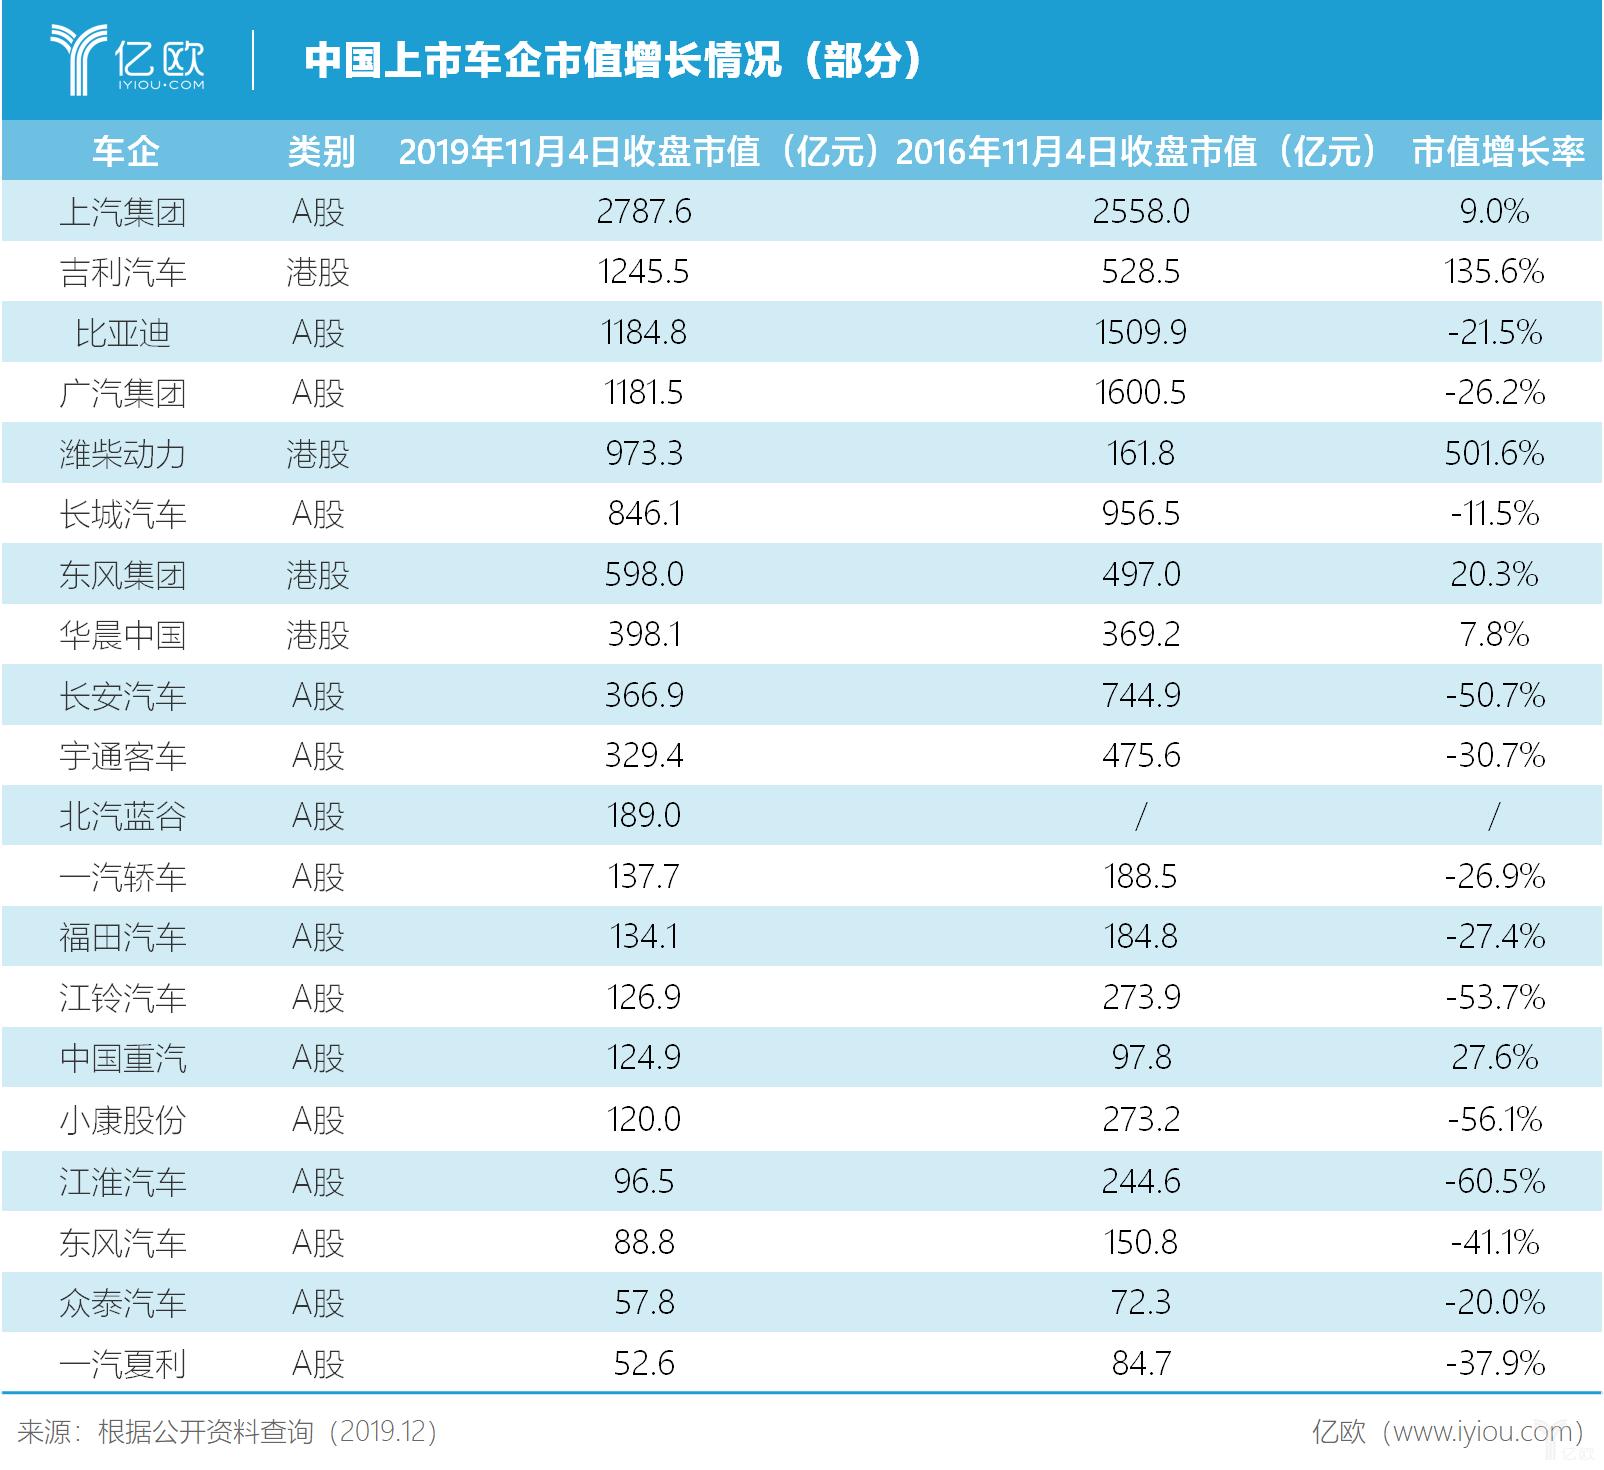 中国上市车企市值增进情况(片面)